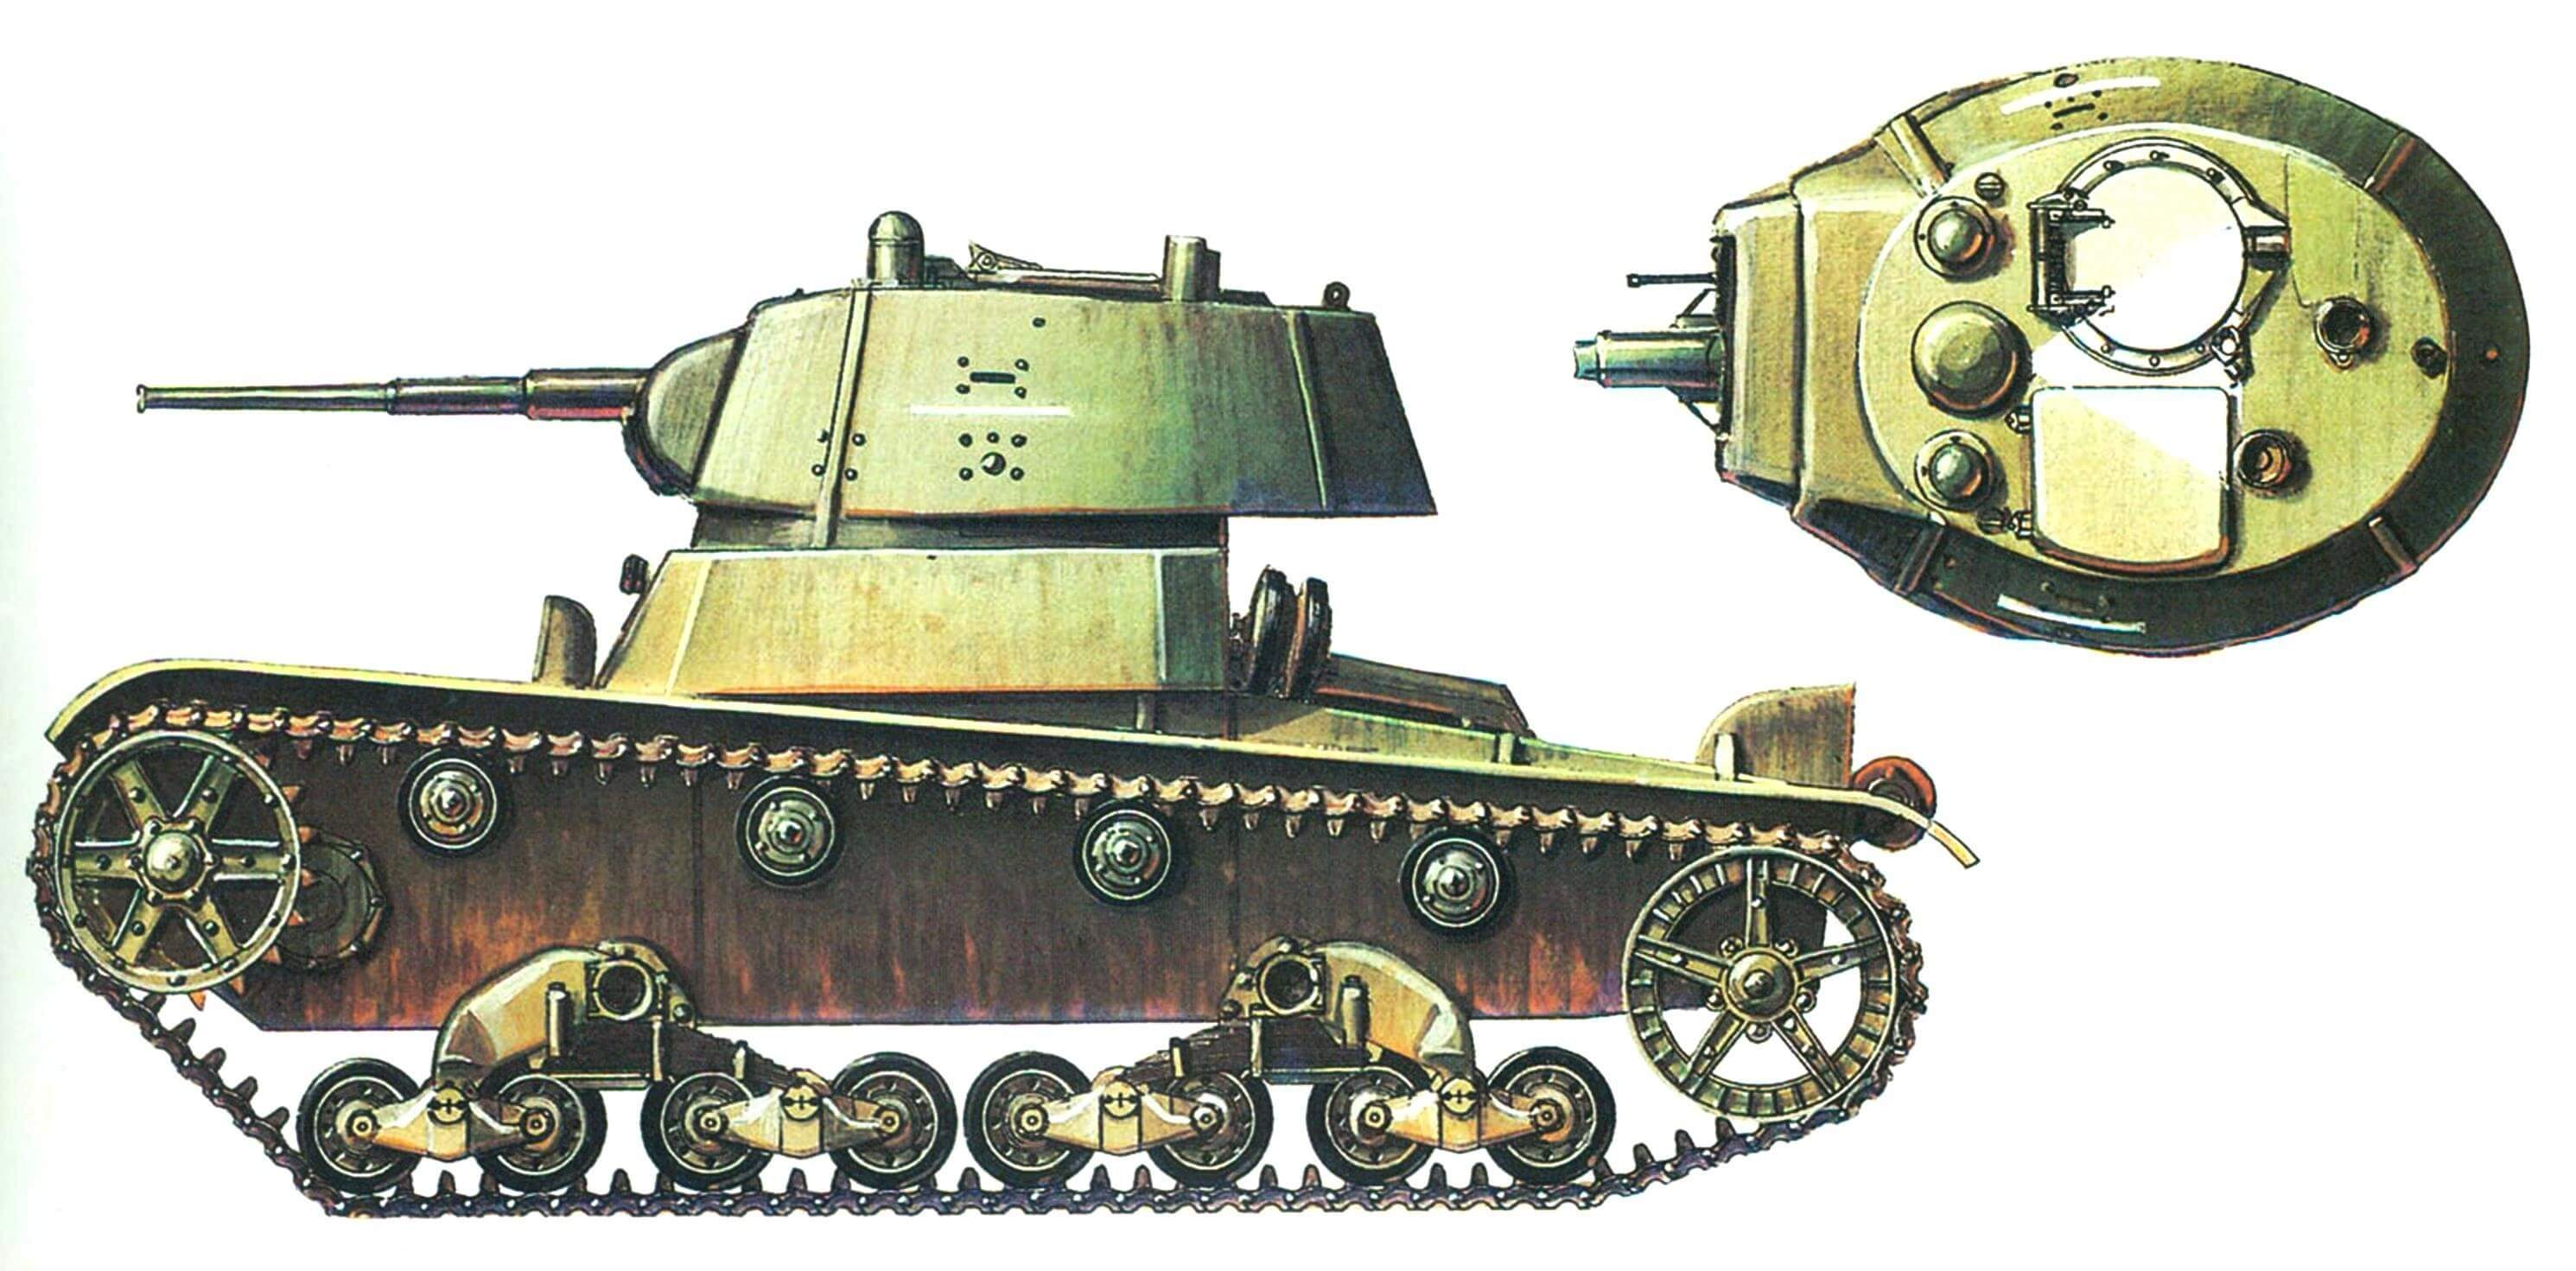 Легкий танк Т-26. 34-я танковая дивизия, 8-й механизированный корпус, Юго-Западный фронт, лето 1941 года.